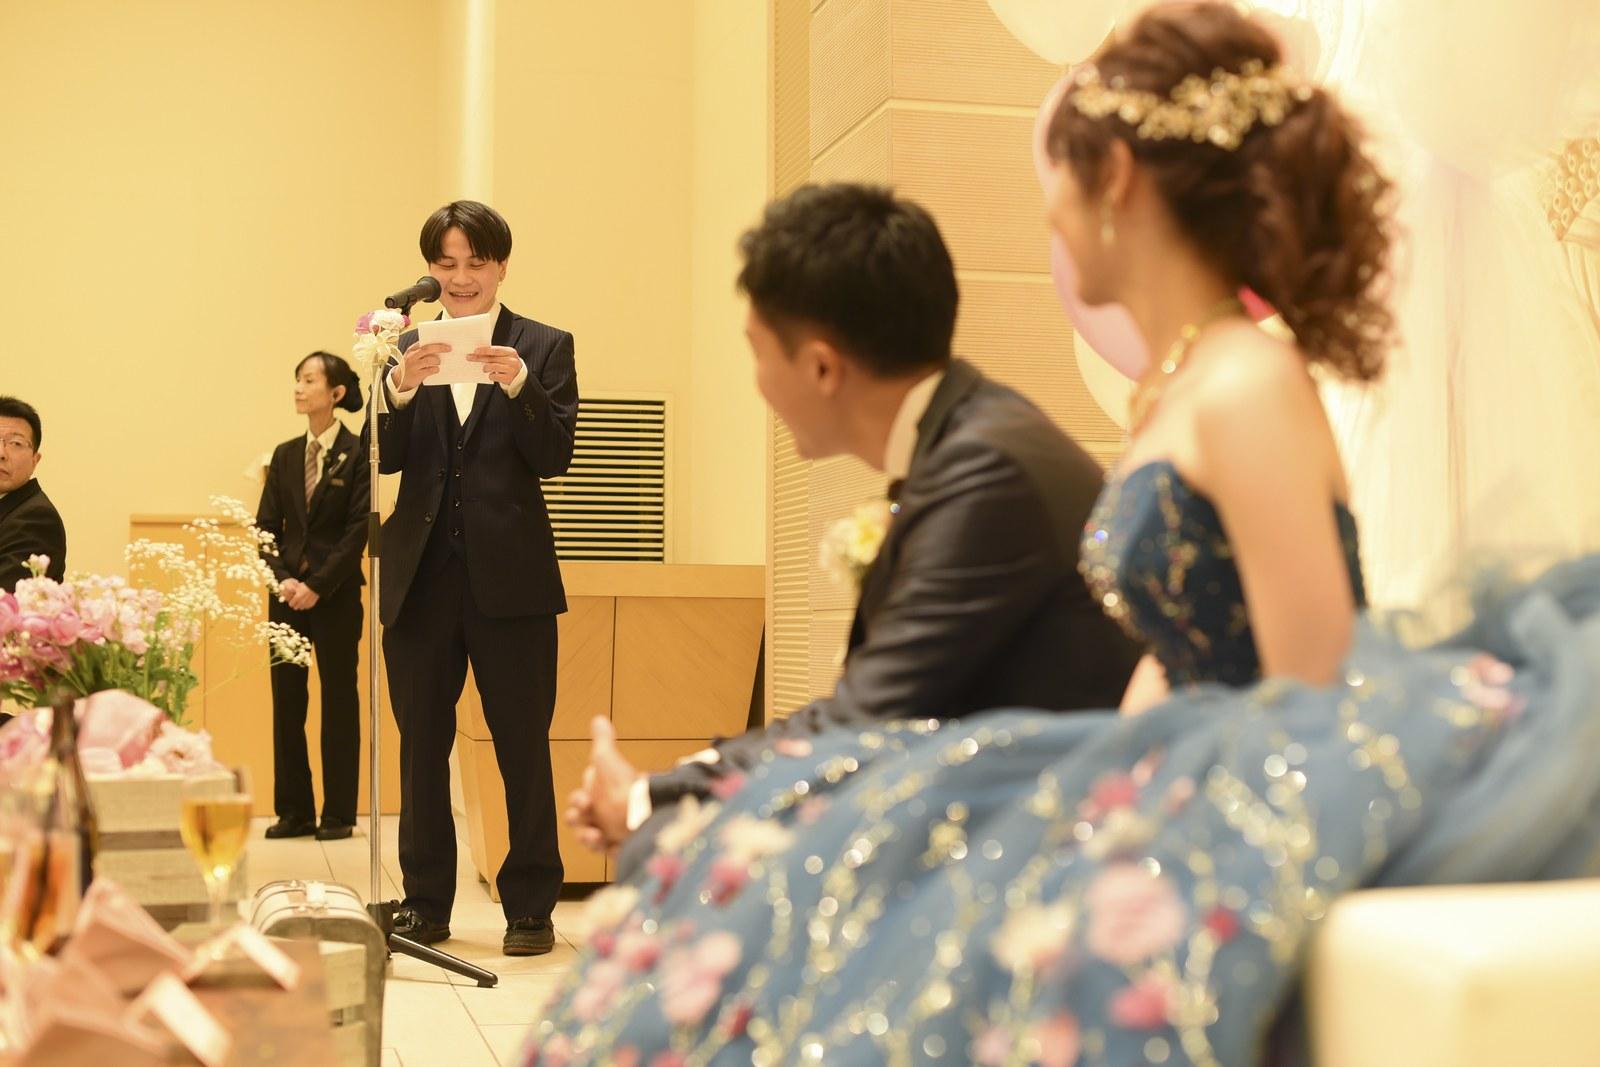 高松市の結婚式場アイルバレクラブ 友人スピーチ